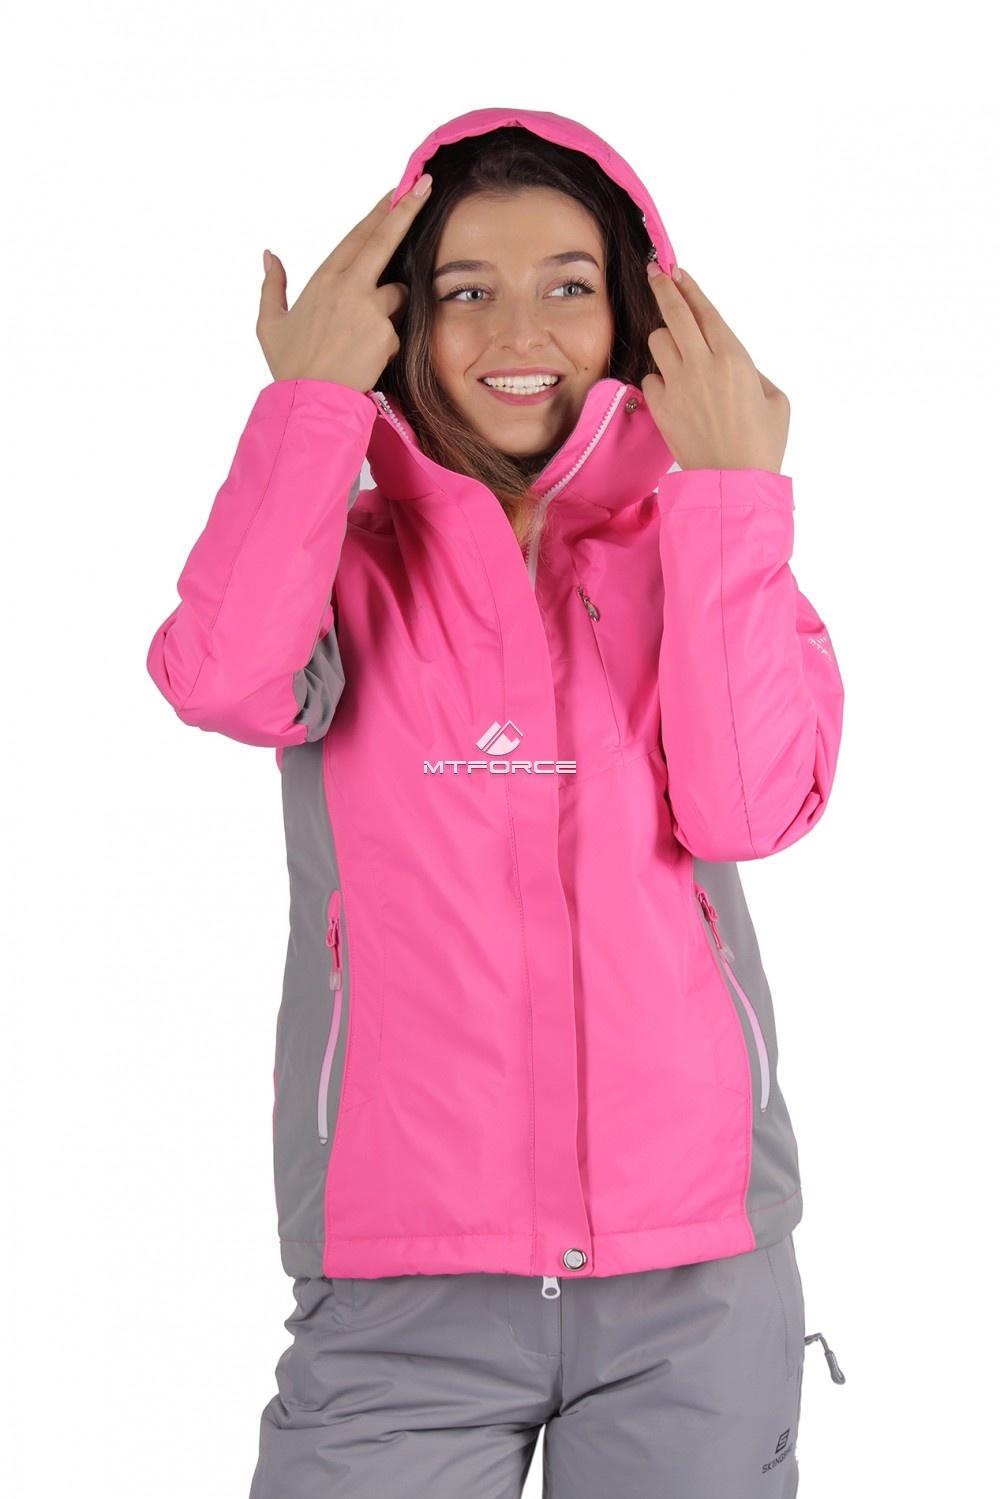 Купить                                  оптом Куртка спортивная женская осень весна розового цвета 1711R-1 в Санкт-Петербурге